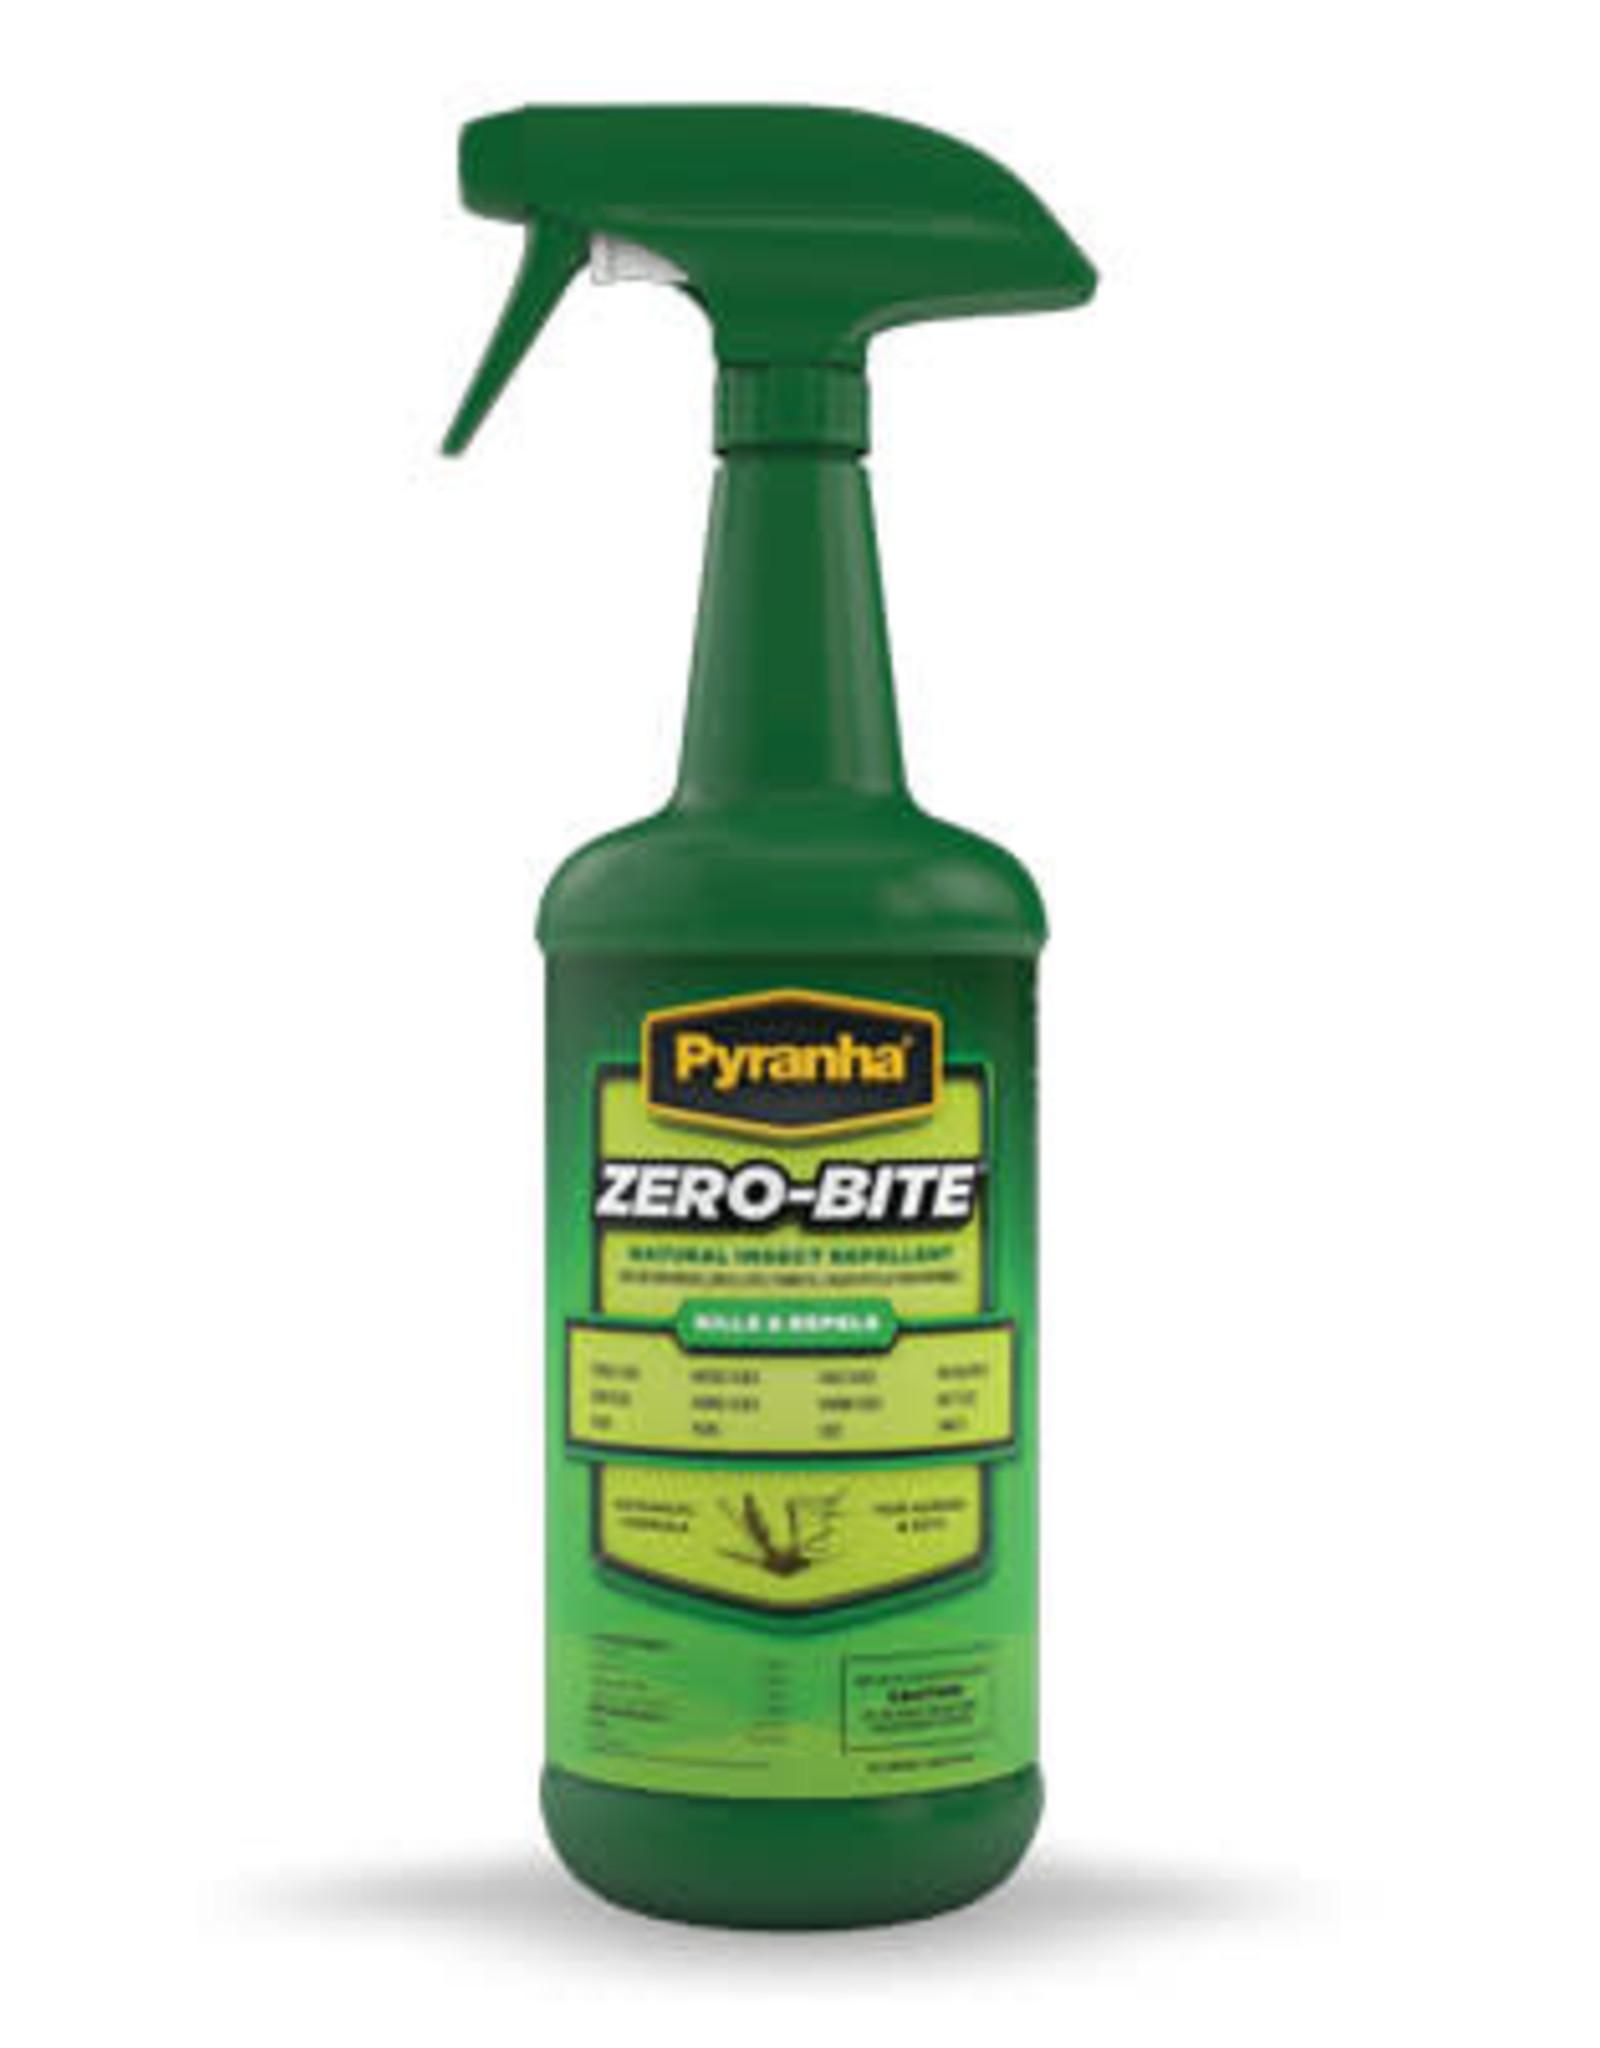 Pyranha Zero-Bite Natural Fly Spray 32ozNatural Fly Spray